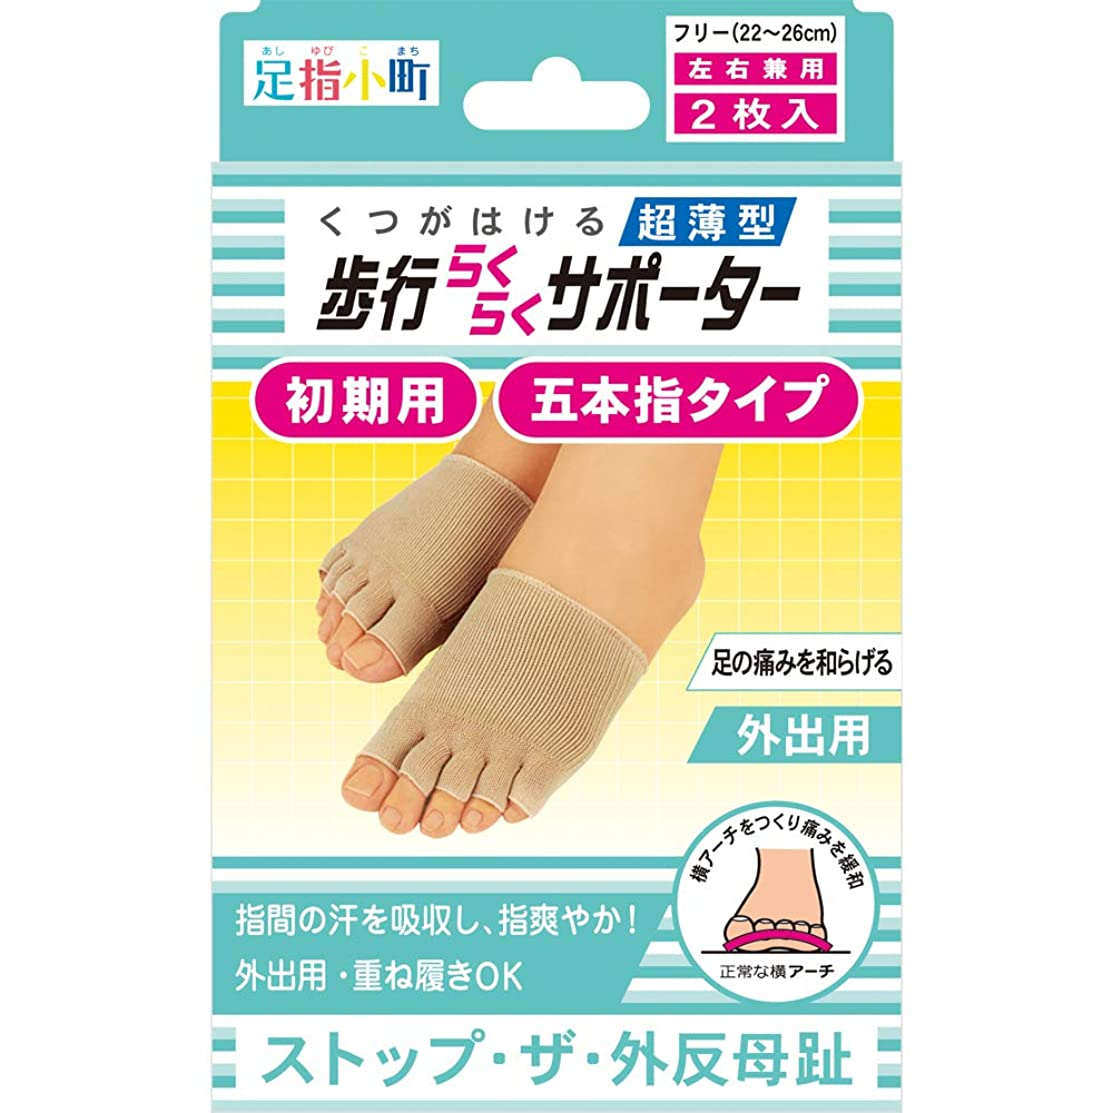 織るサポート遺伝子足指小町 歩行らくらくサポーター 5本指タイプ 足用 2枚入 フリーサイズ (22~26cm) ベージュ